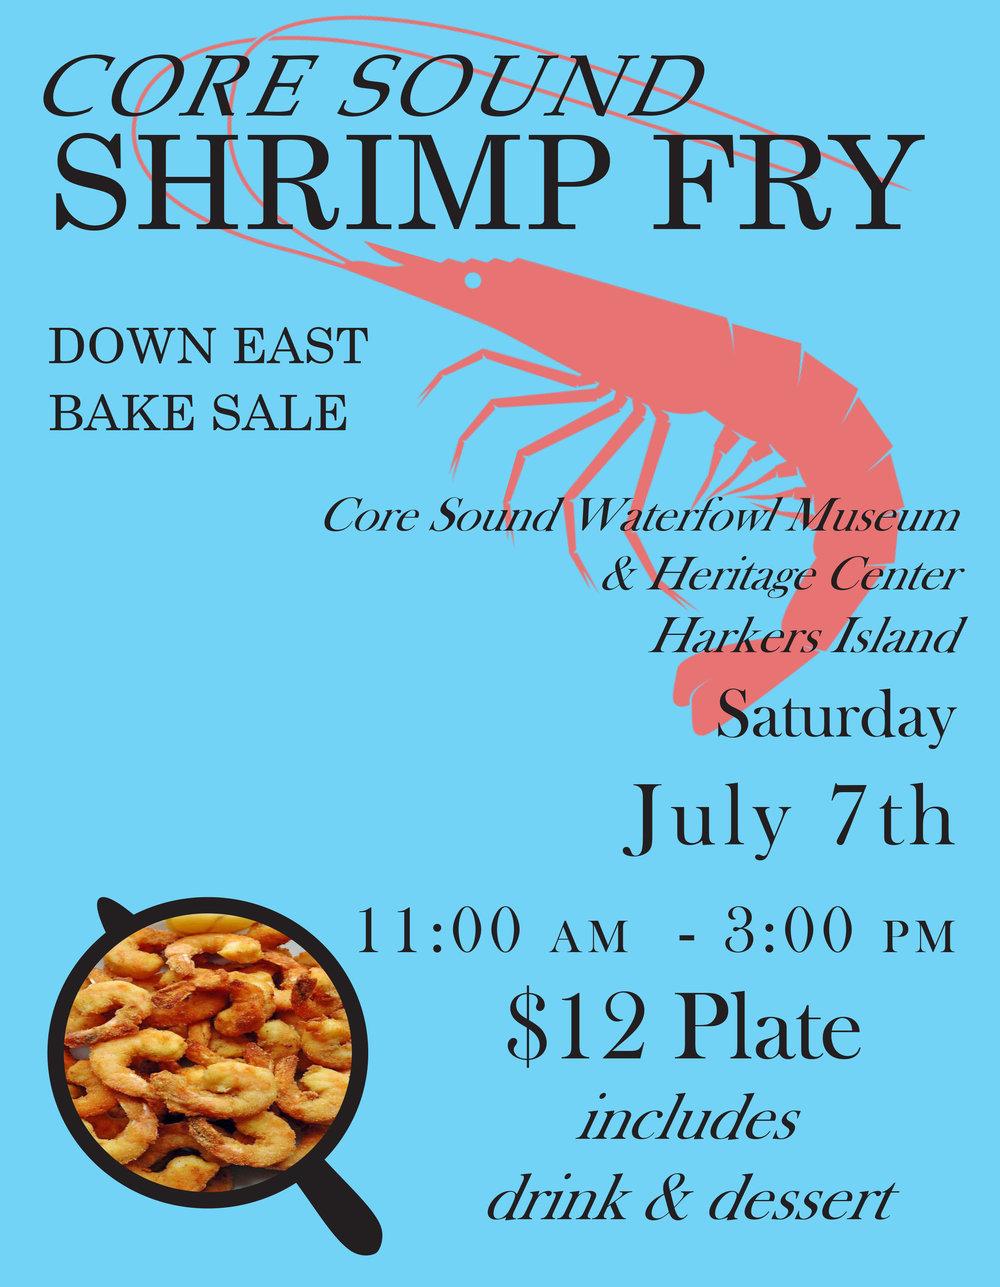 2018 shrimp fry poster.jpg